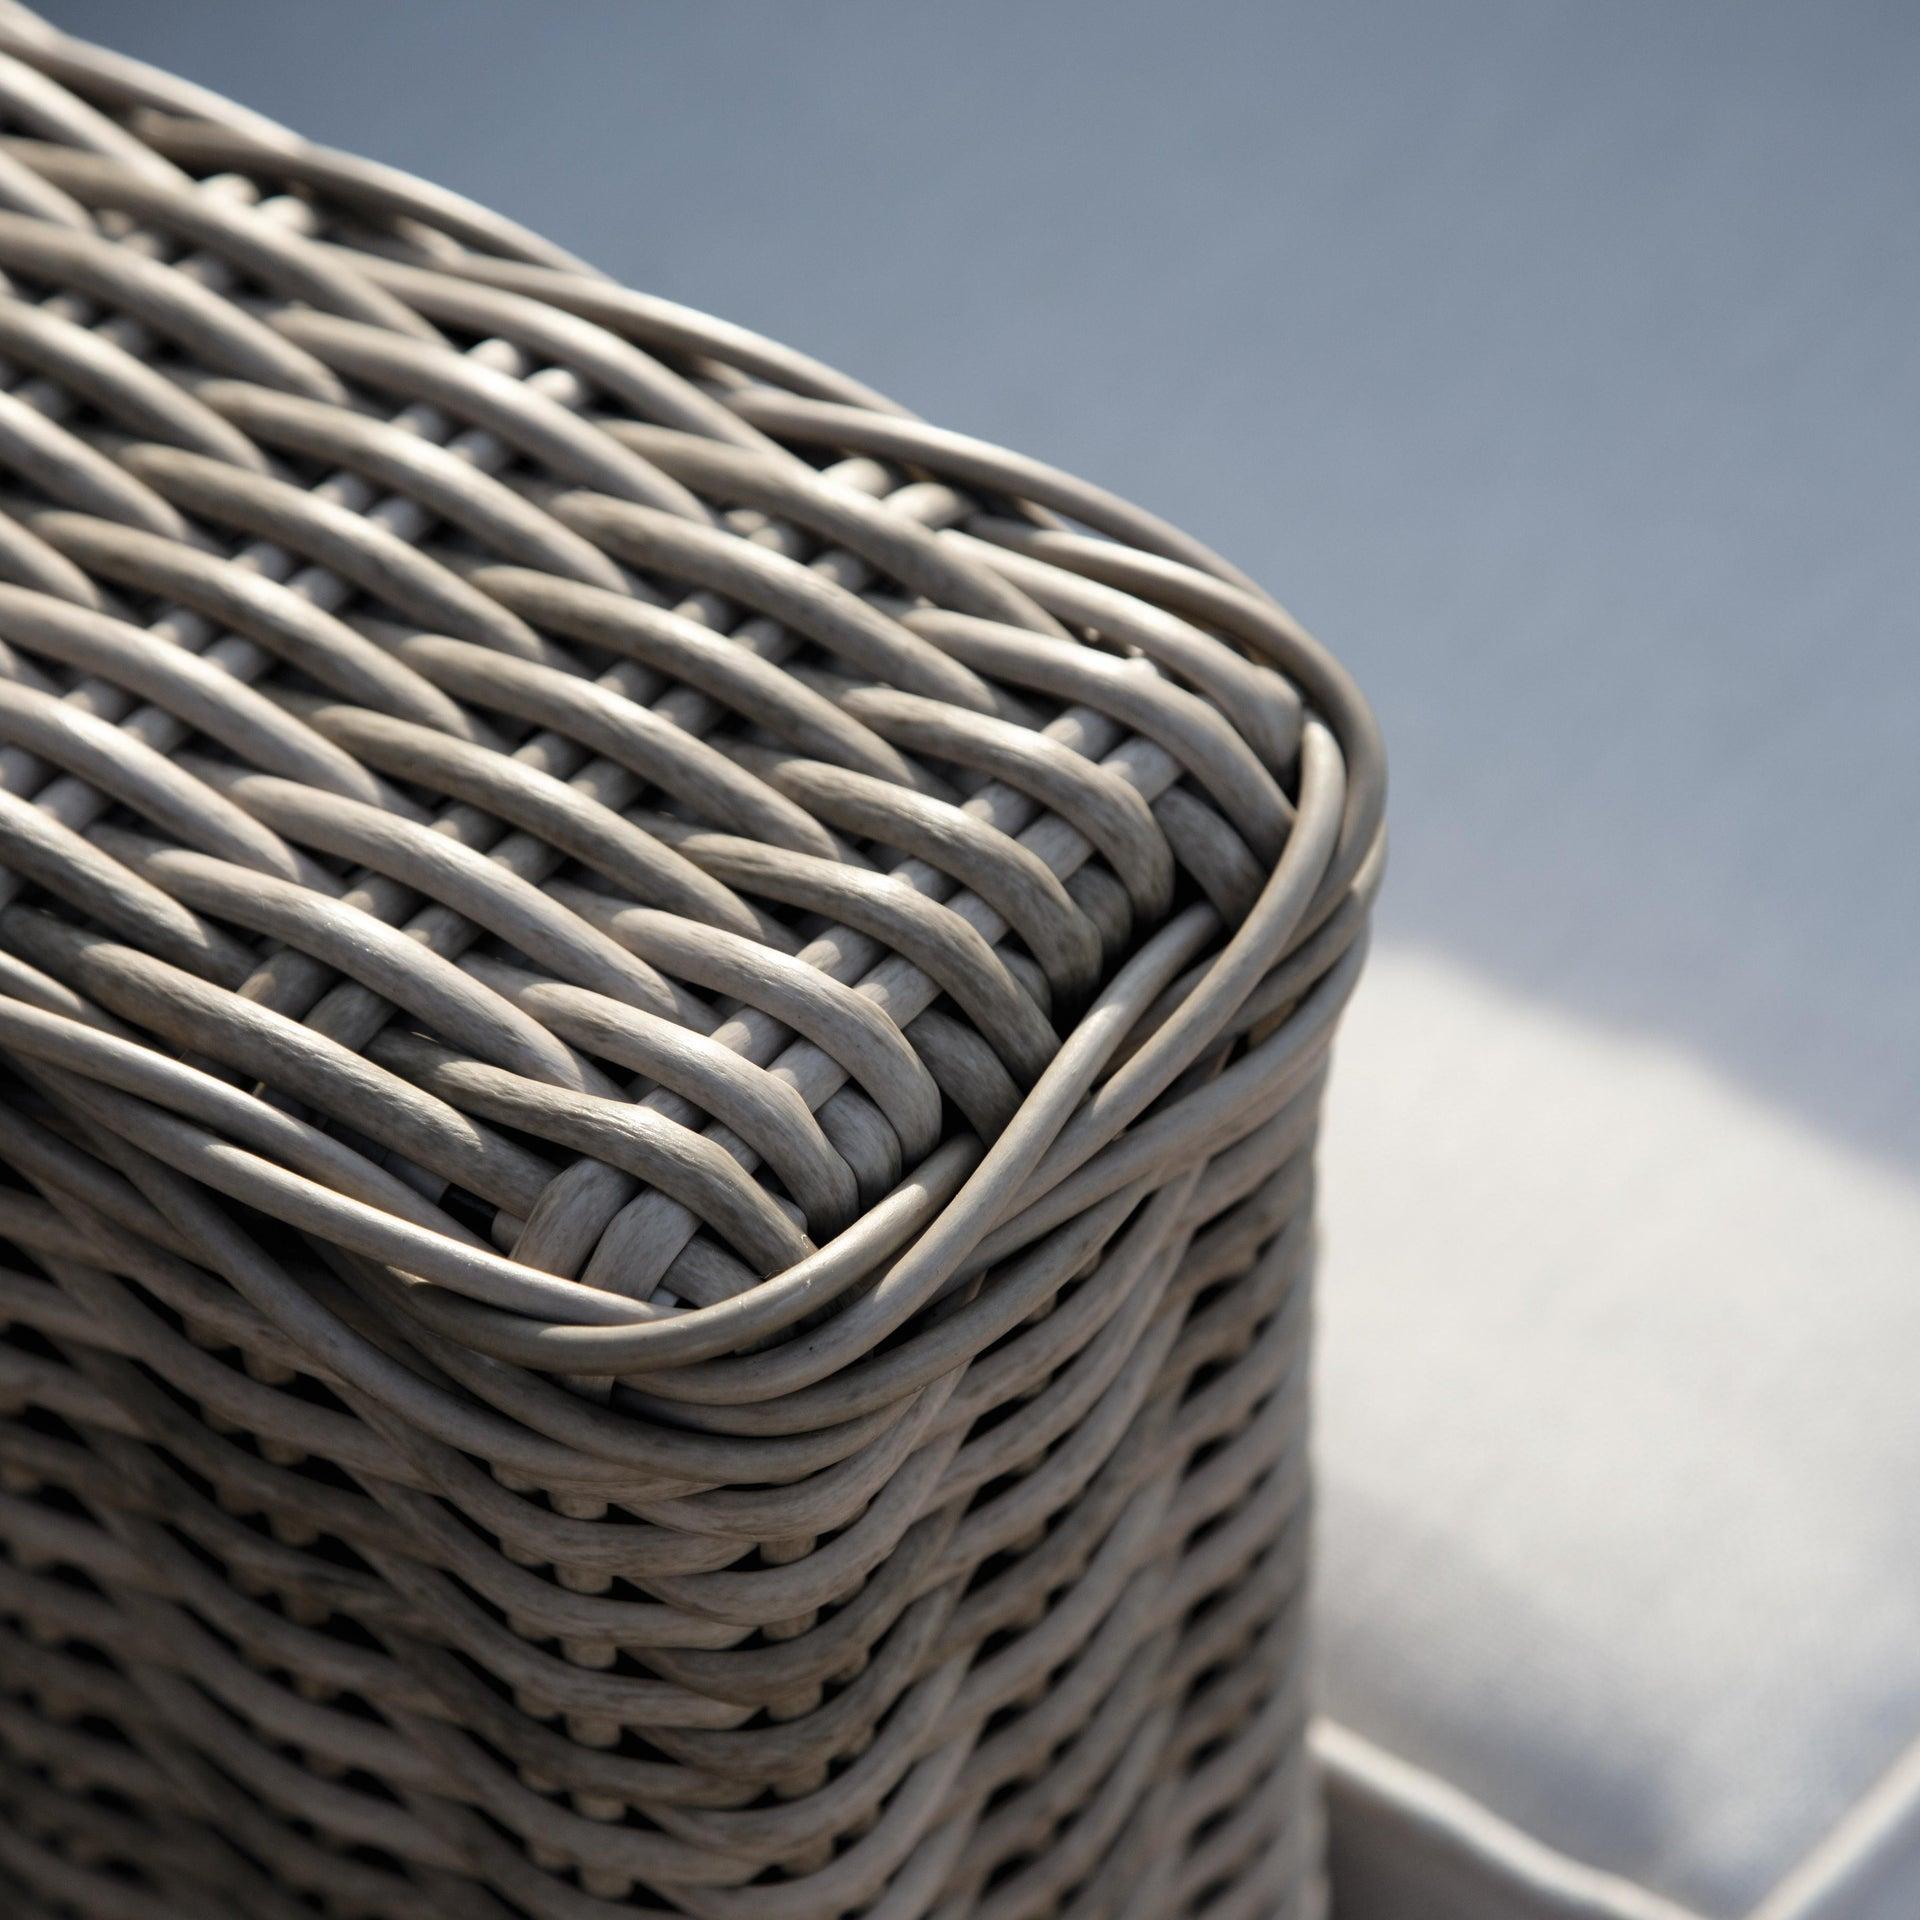 Divano da giardino con cuscino 2 posti in alluminio Costarica NATERIAL colore naturale - 2